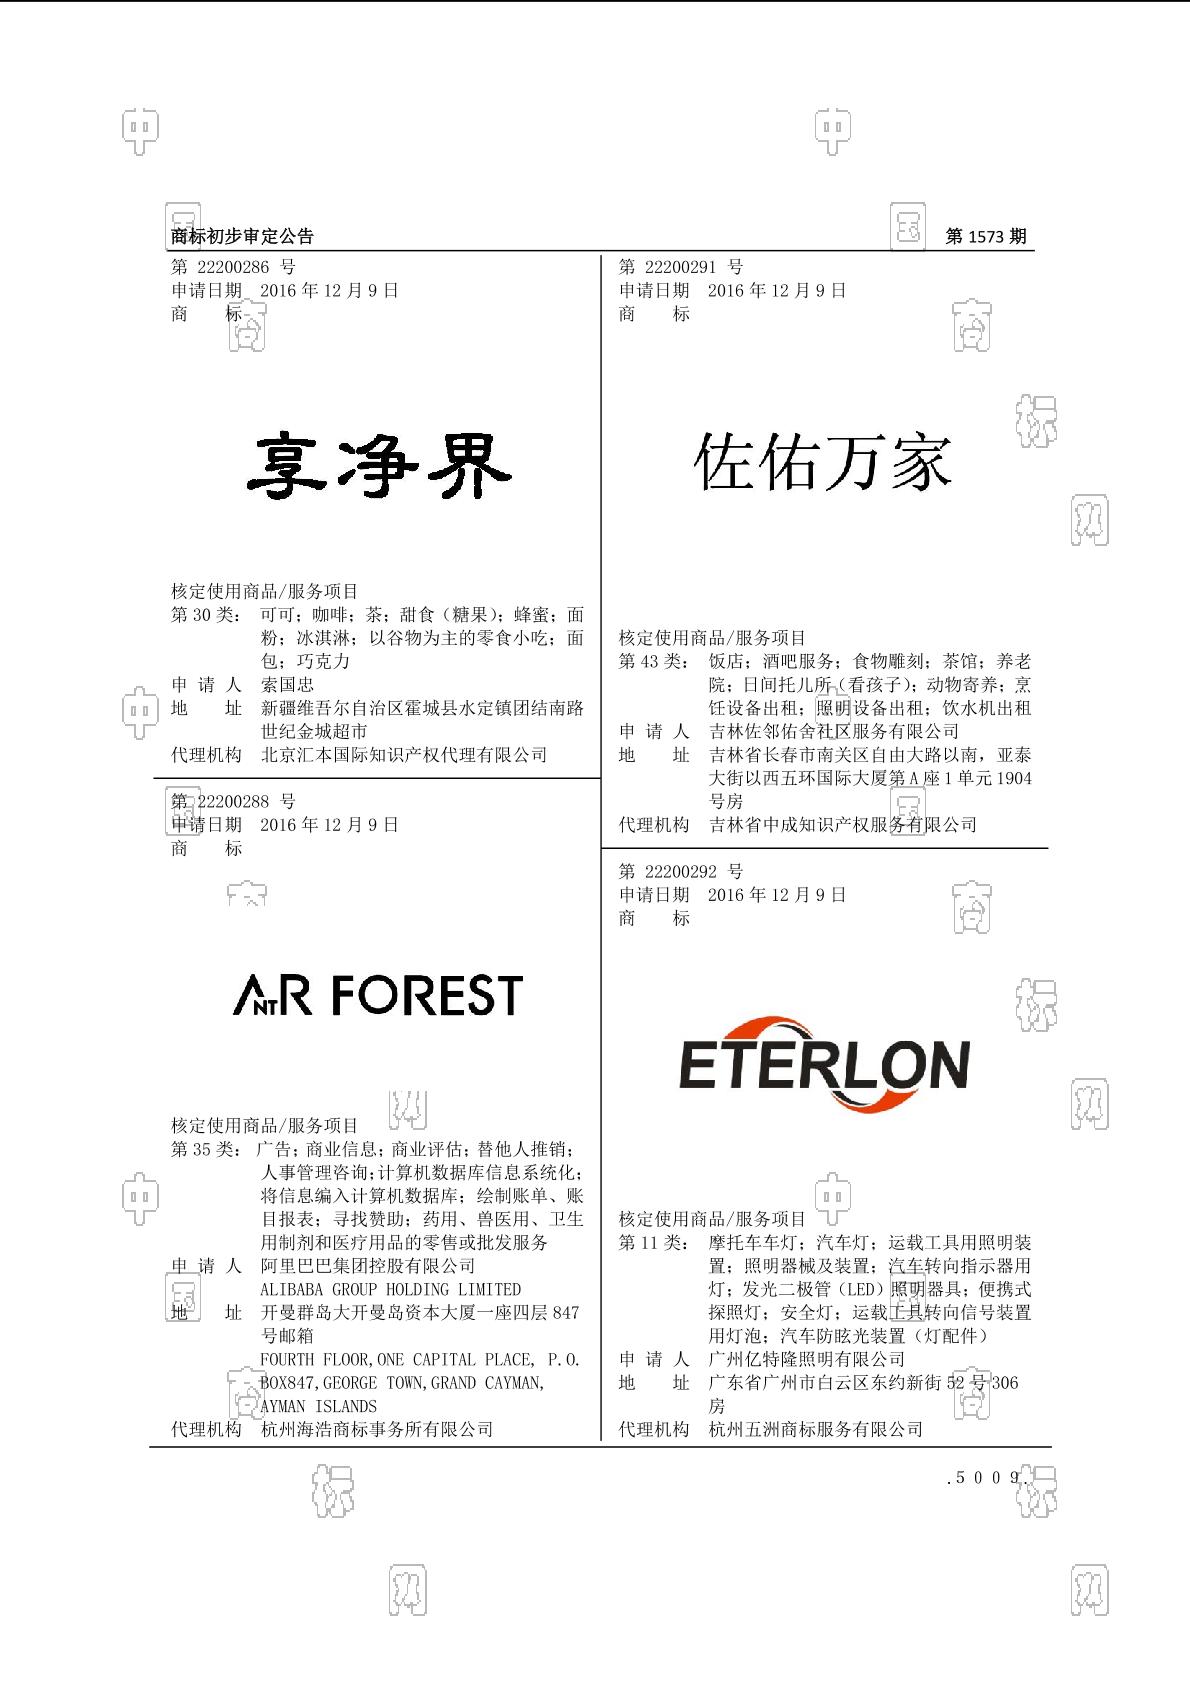 【社标网】ETERLON商标状态注册号信息 广州亿特隆照明有限公司商标信息-商标查询